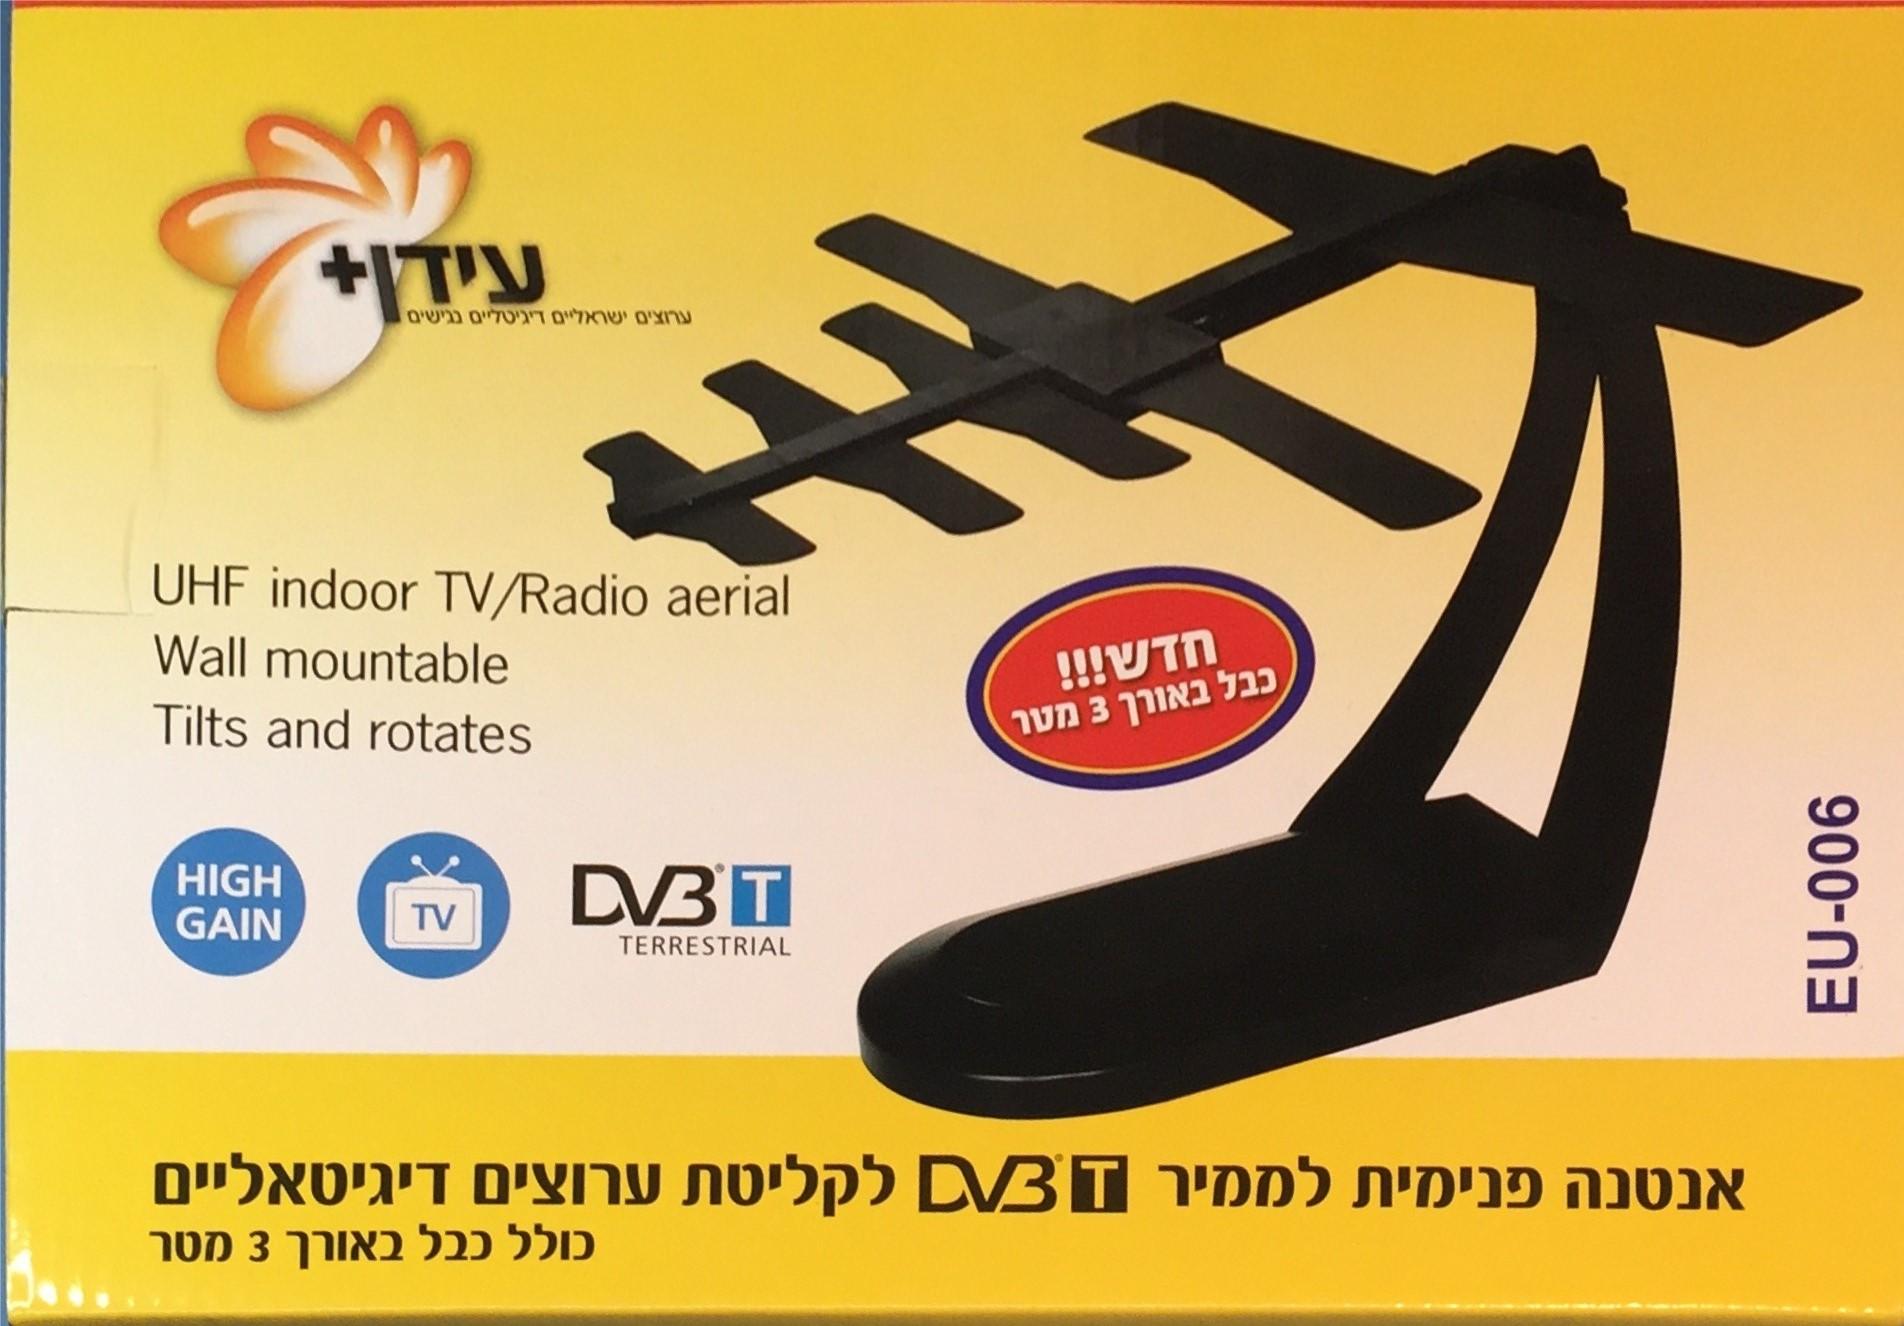 אנטנה פנימית לטלויזיה    HADV-1020 מטר HYUNDAI